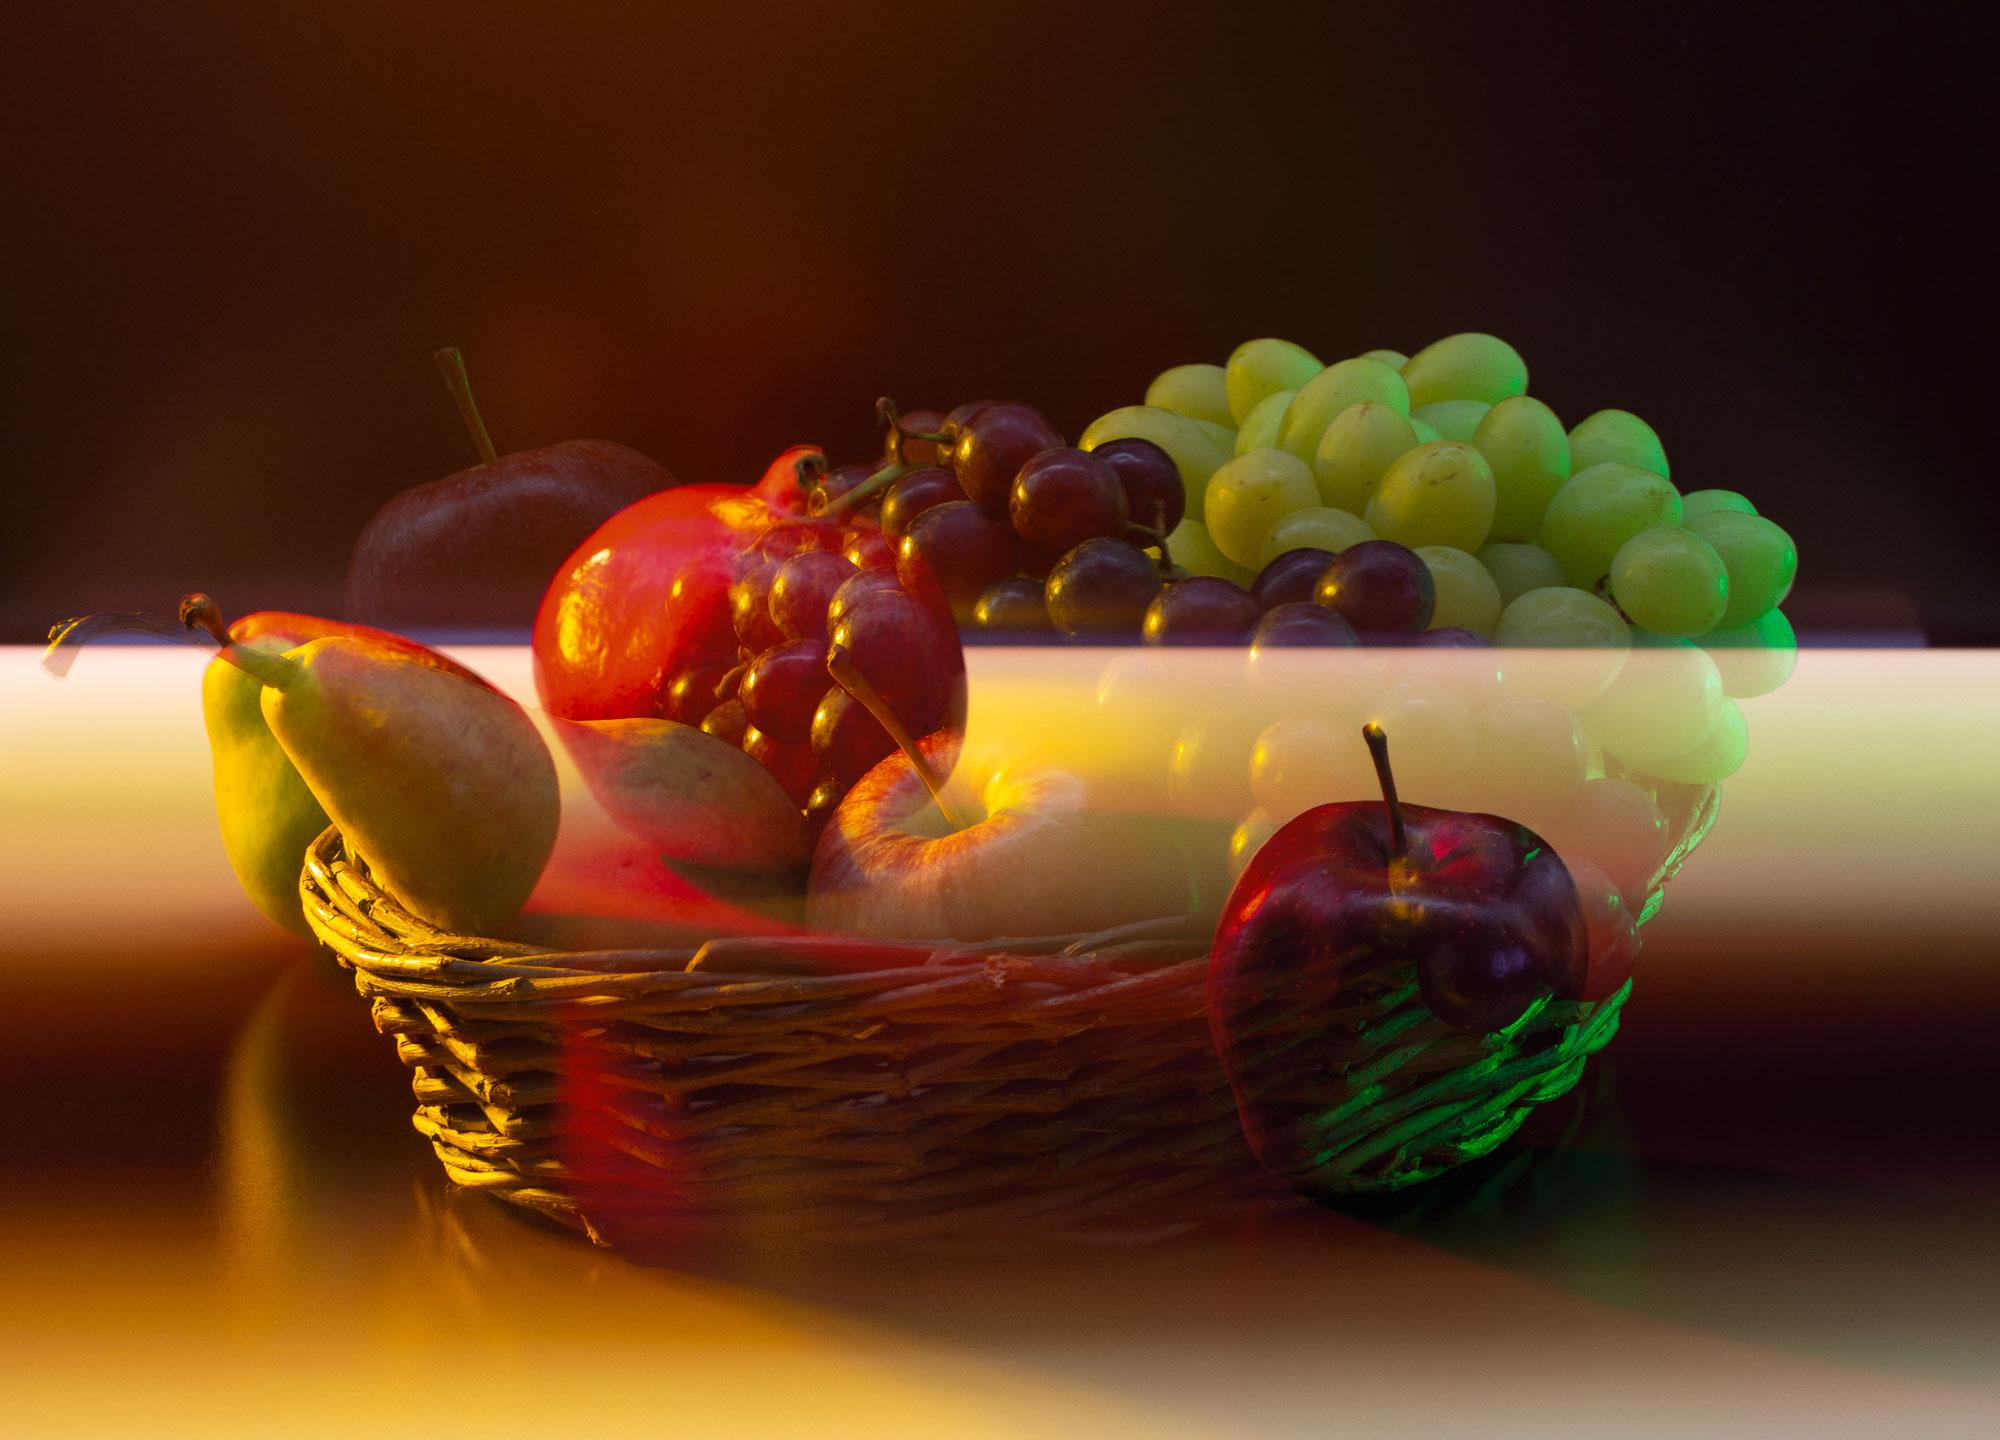 11-VCS_TheStranger_FruitBasket.jpg